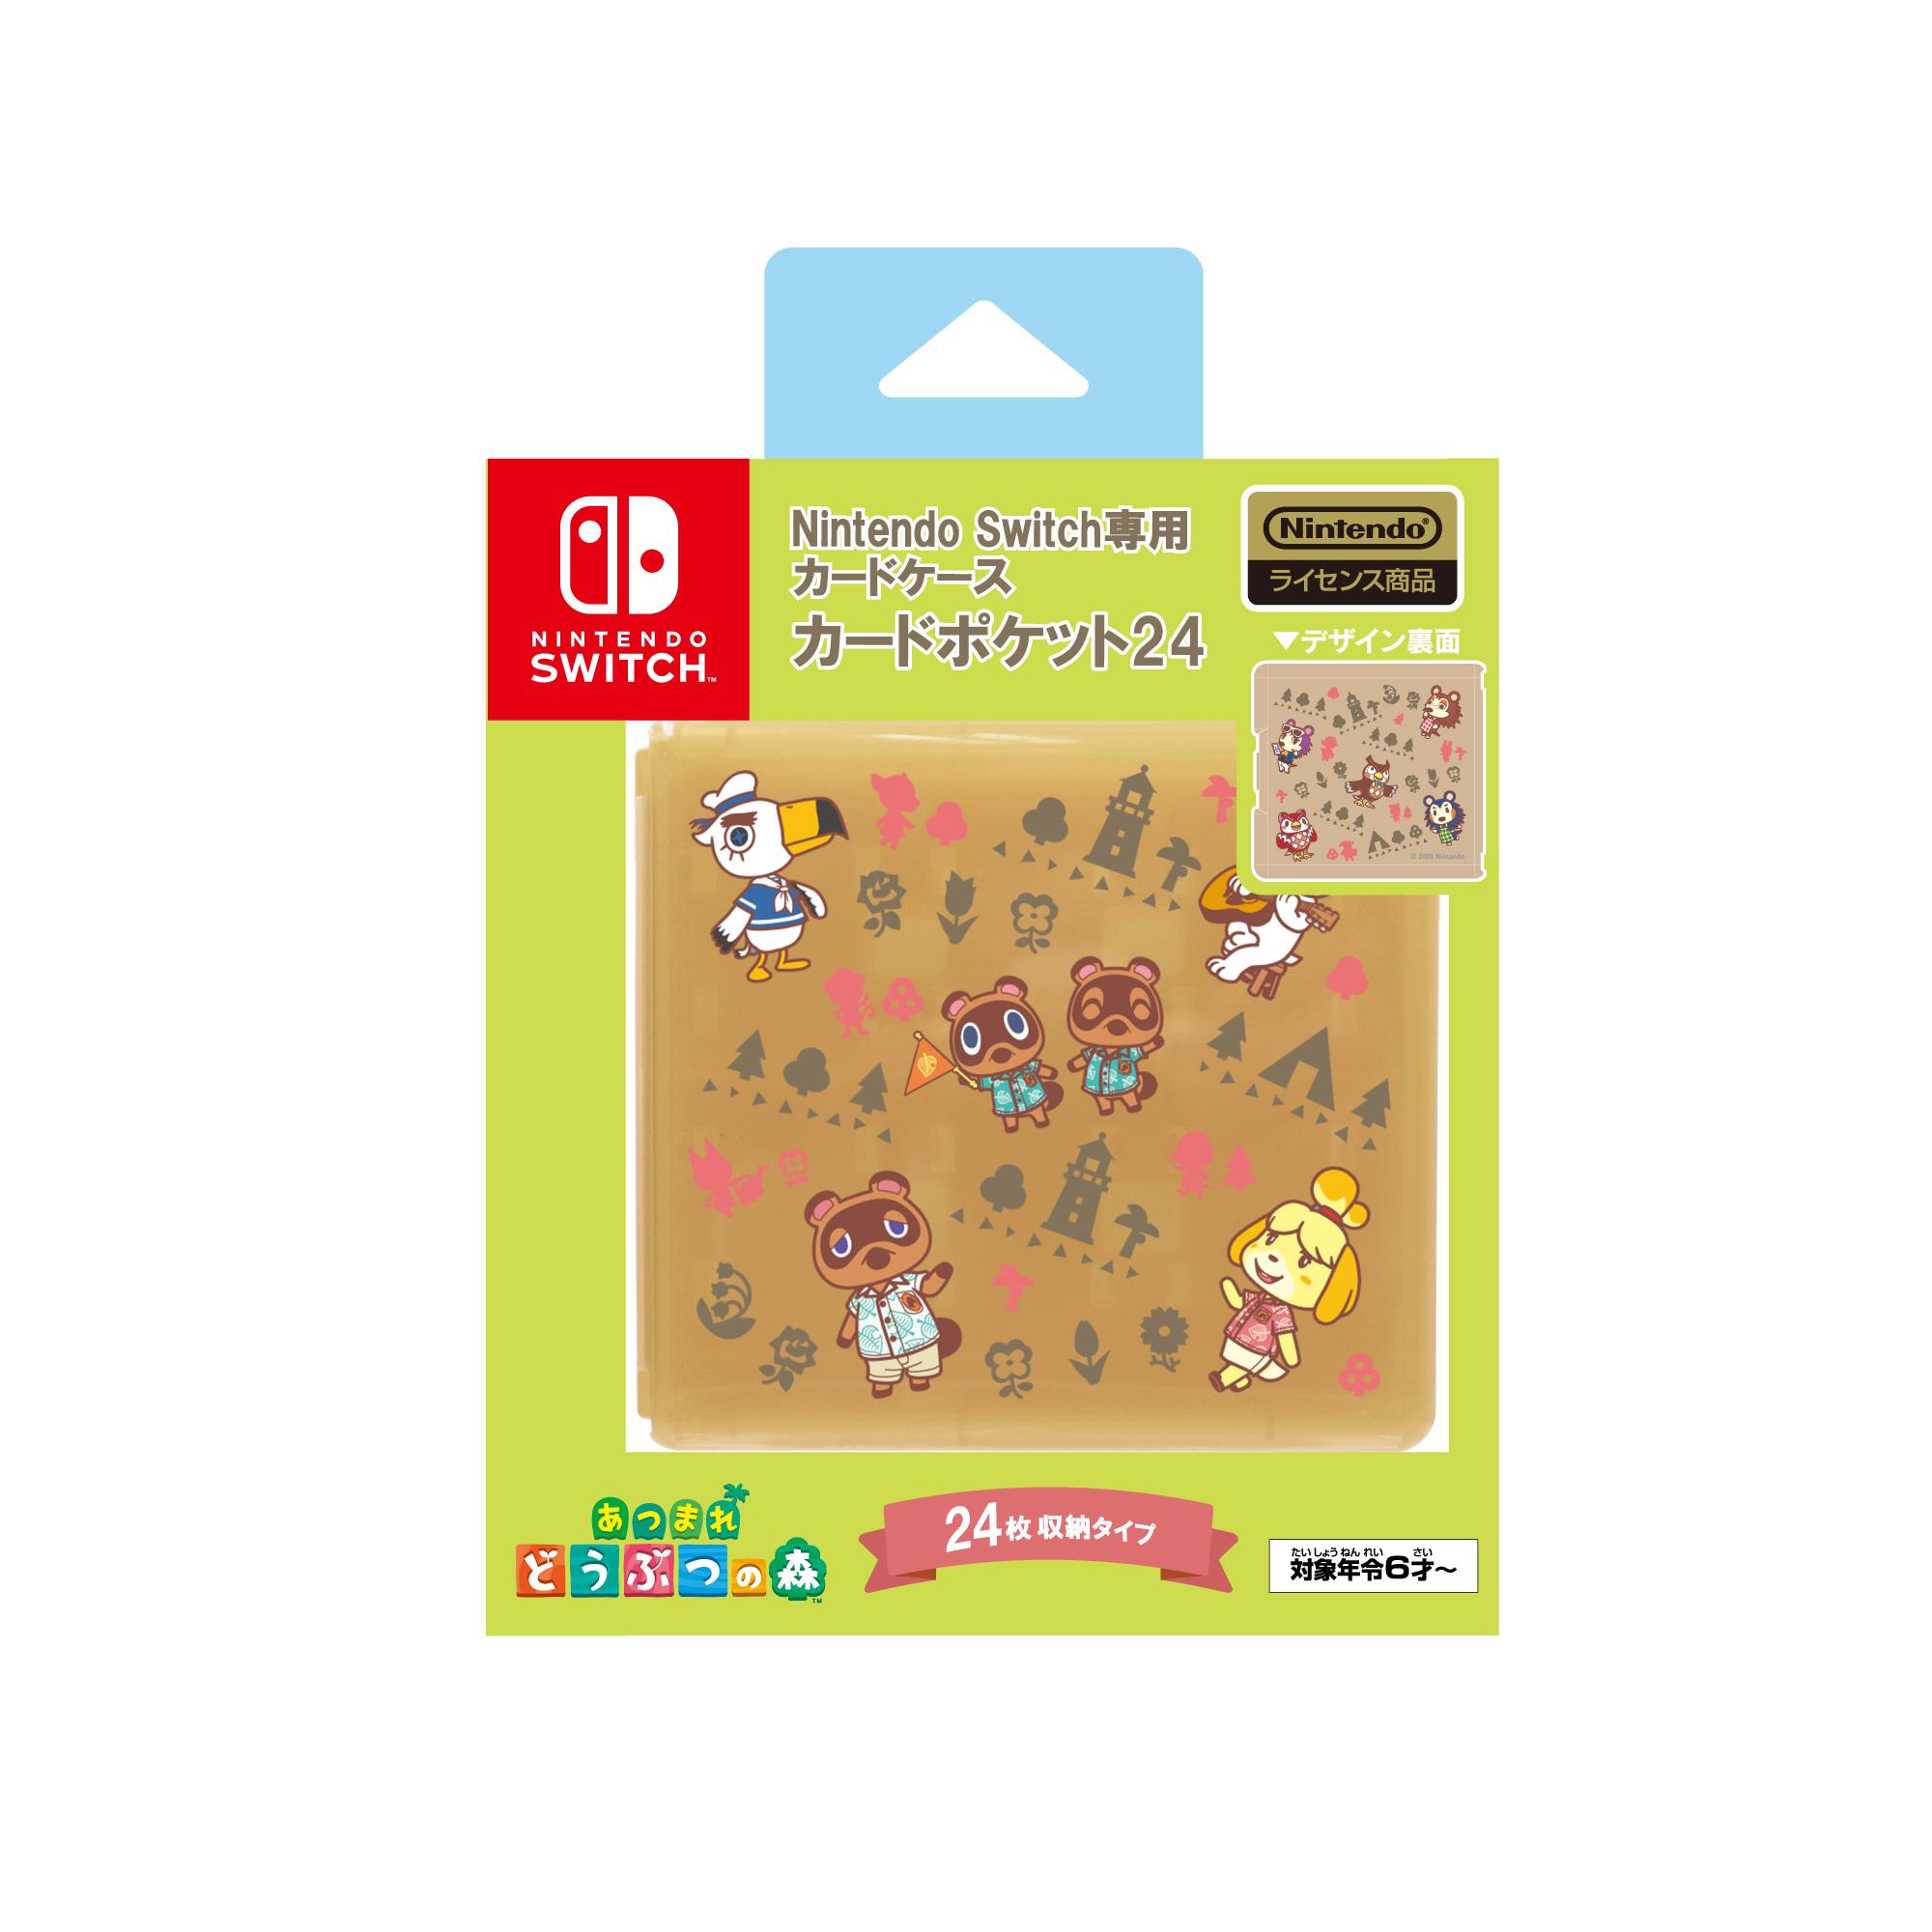 Nintendo Switch専用カードケース<br>カードポケット24 あつまれ どうぶつの森<br>ラインアート